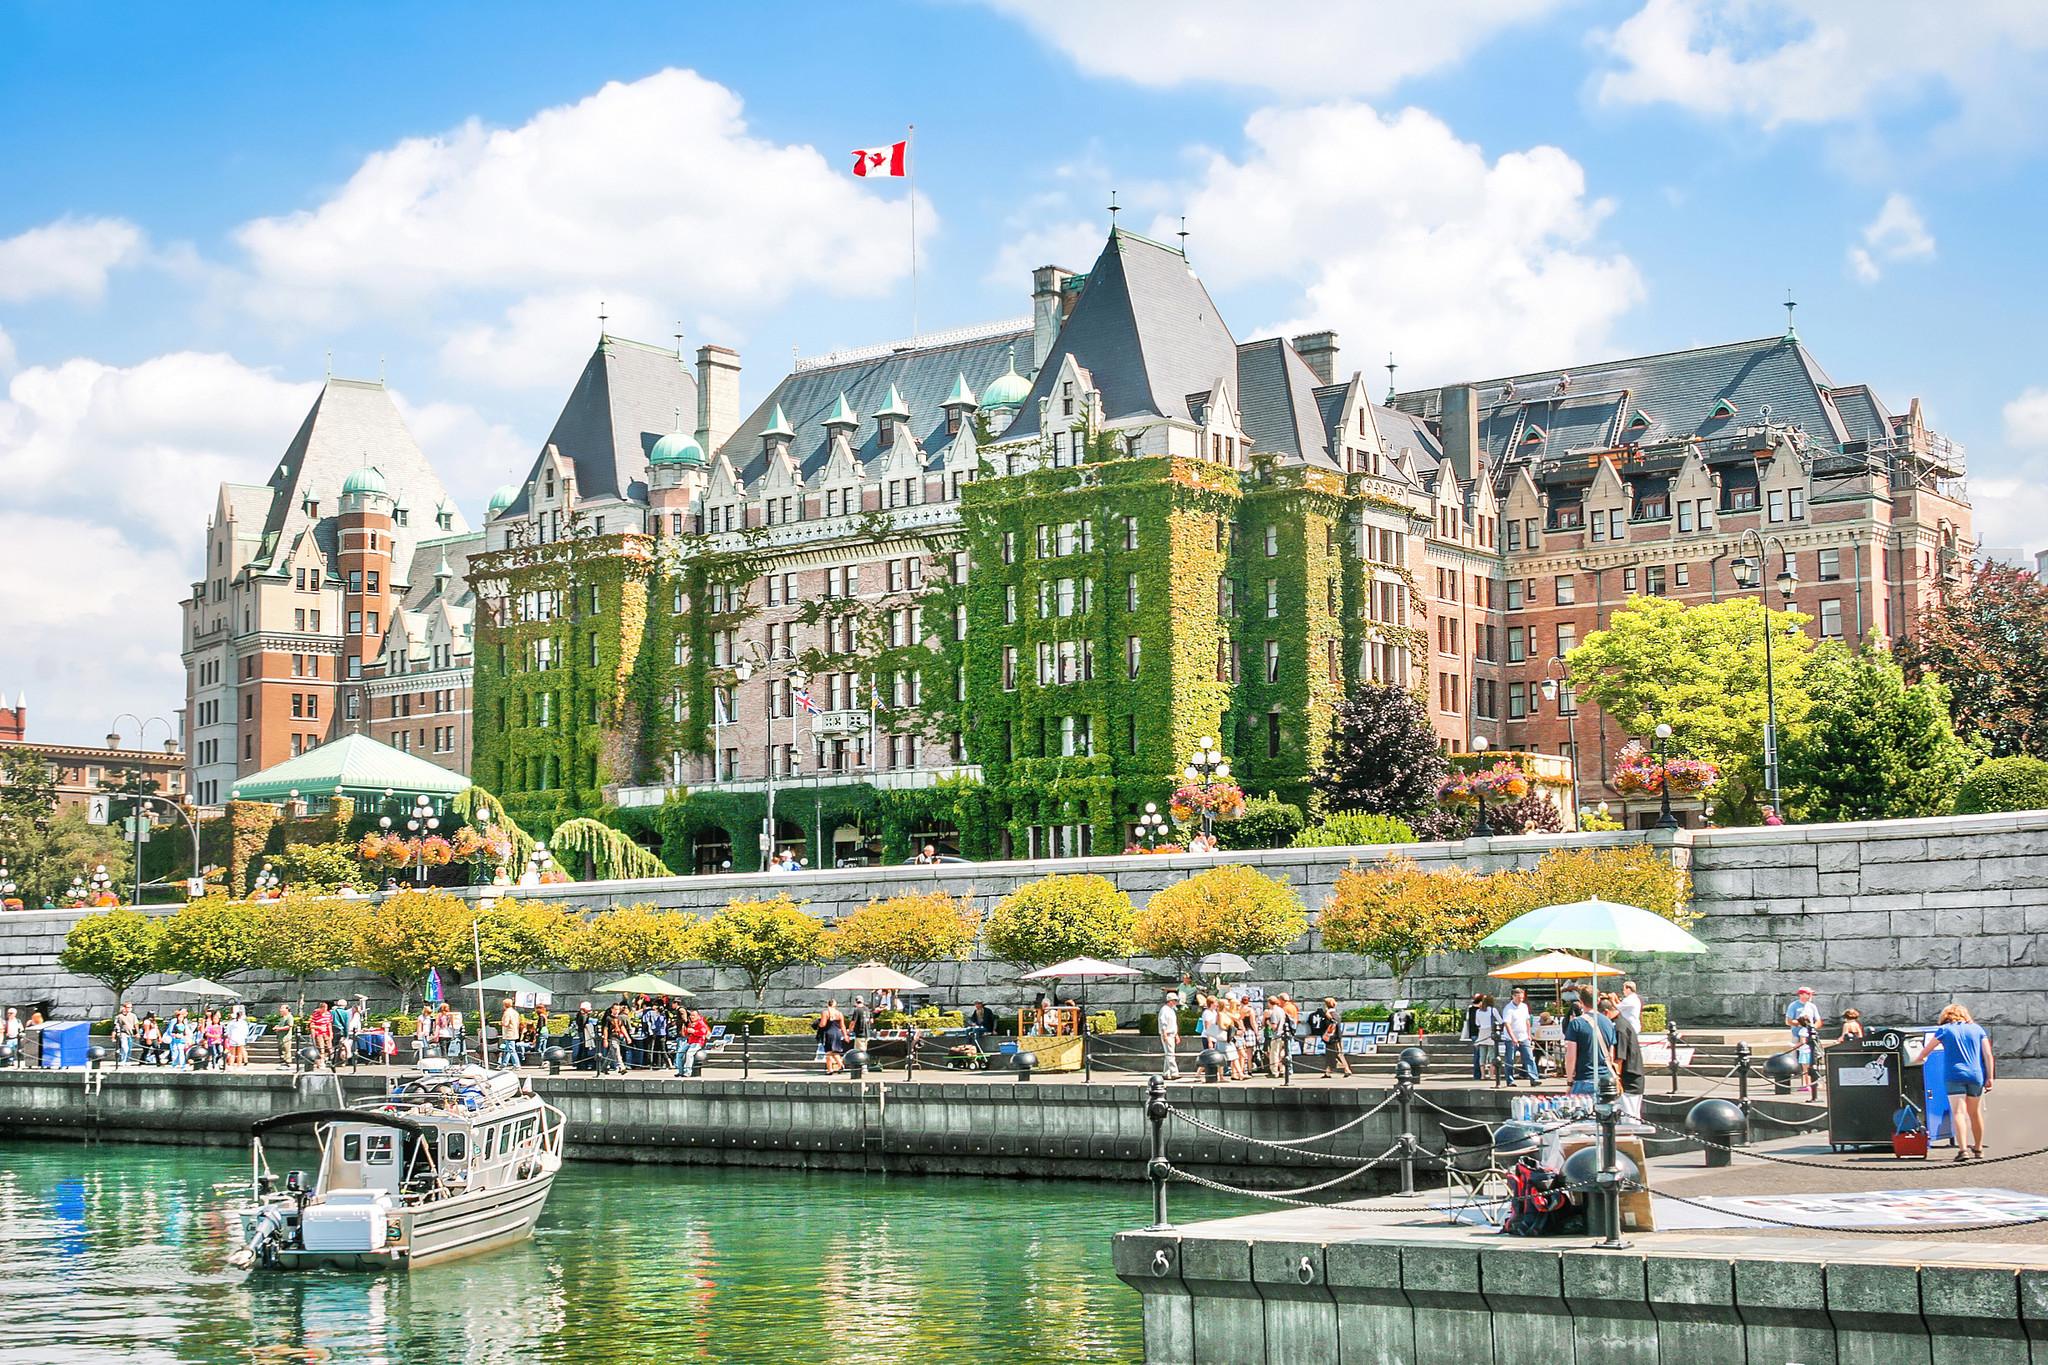 Inner Harbour of Victoria, BC, Canada